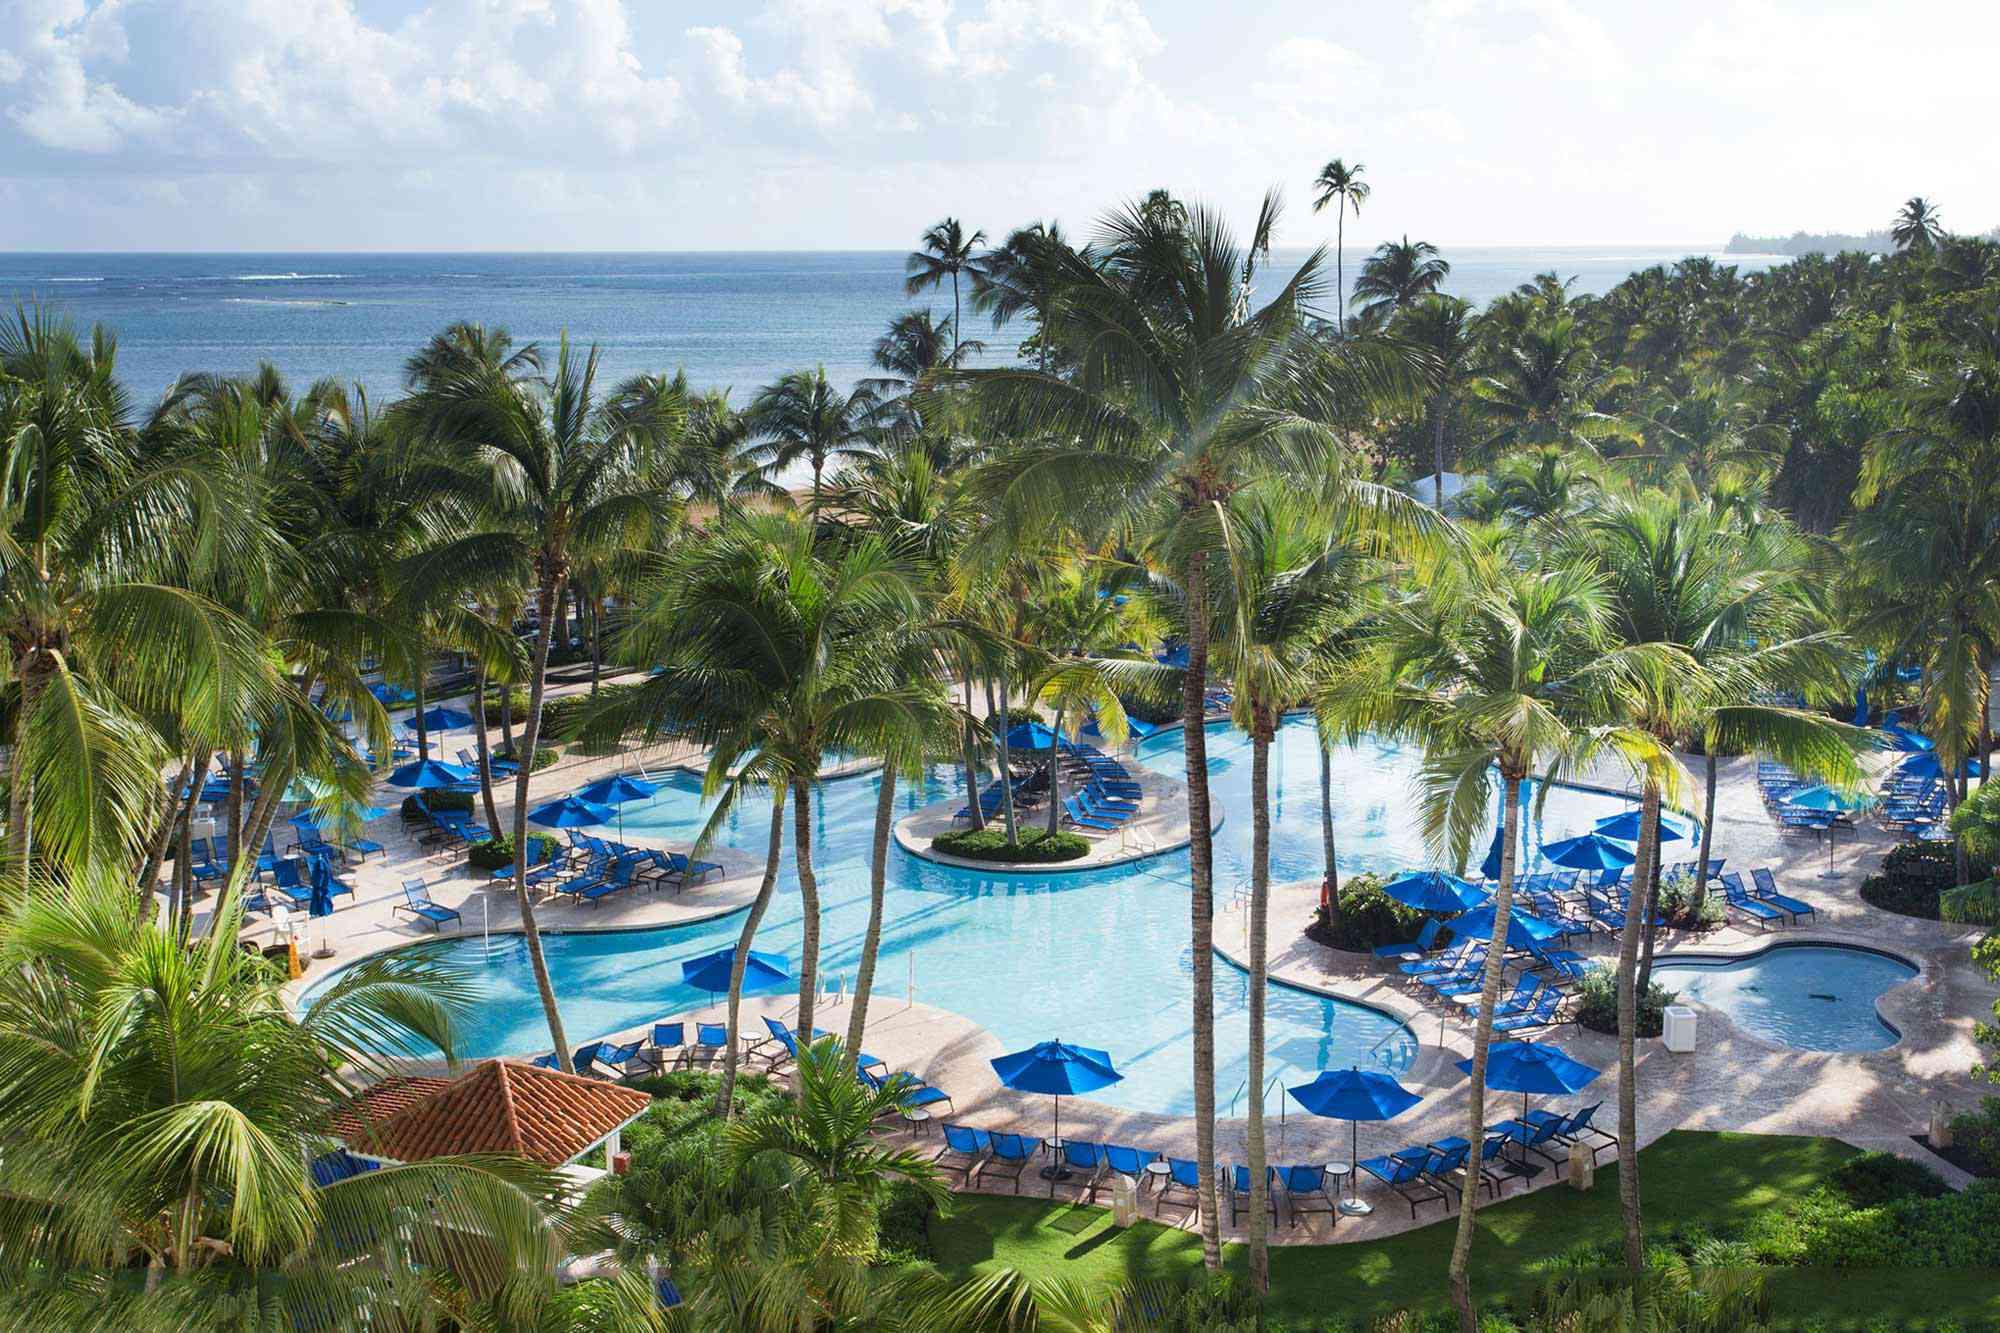 Wyndham Grand Rio Mar Beach Resort and Spa